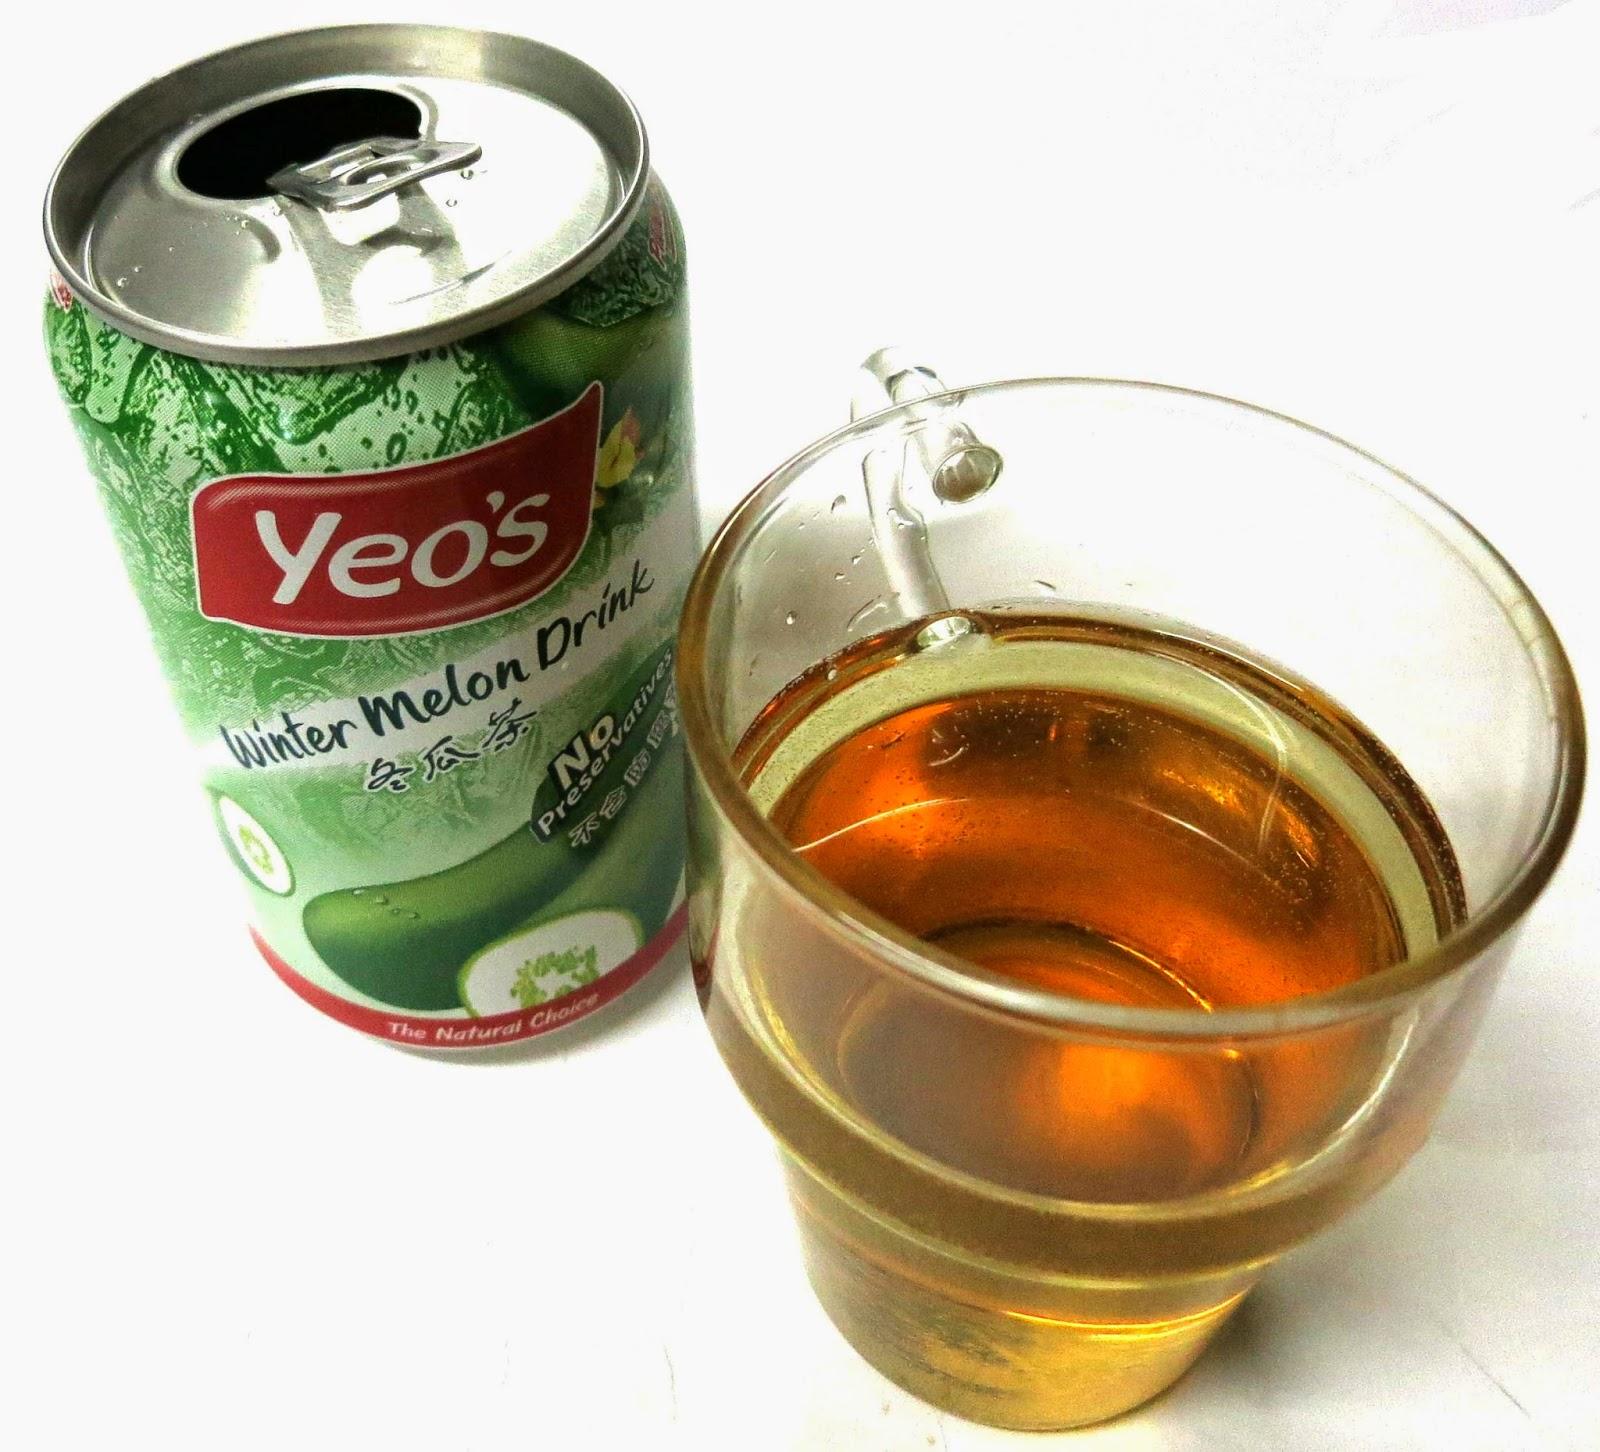 想 yummy, 就係咁 easy: 【手信推介篇】馬來西亞 Yeo's 冬瓜茶